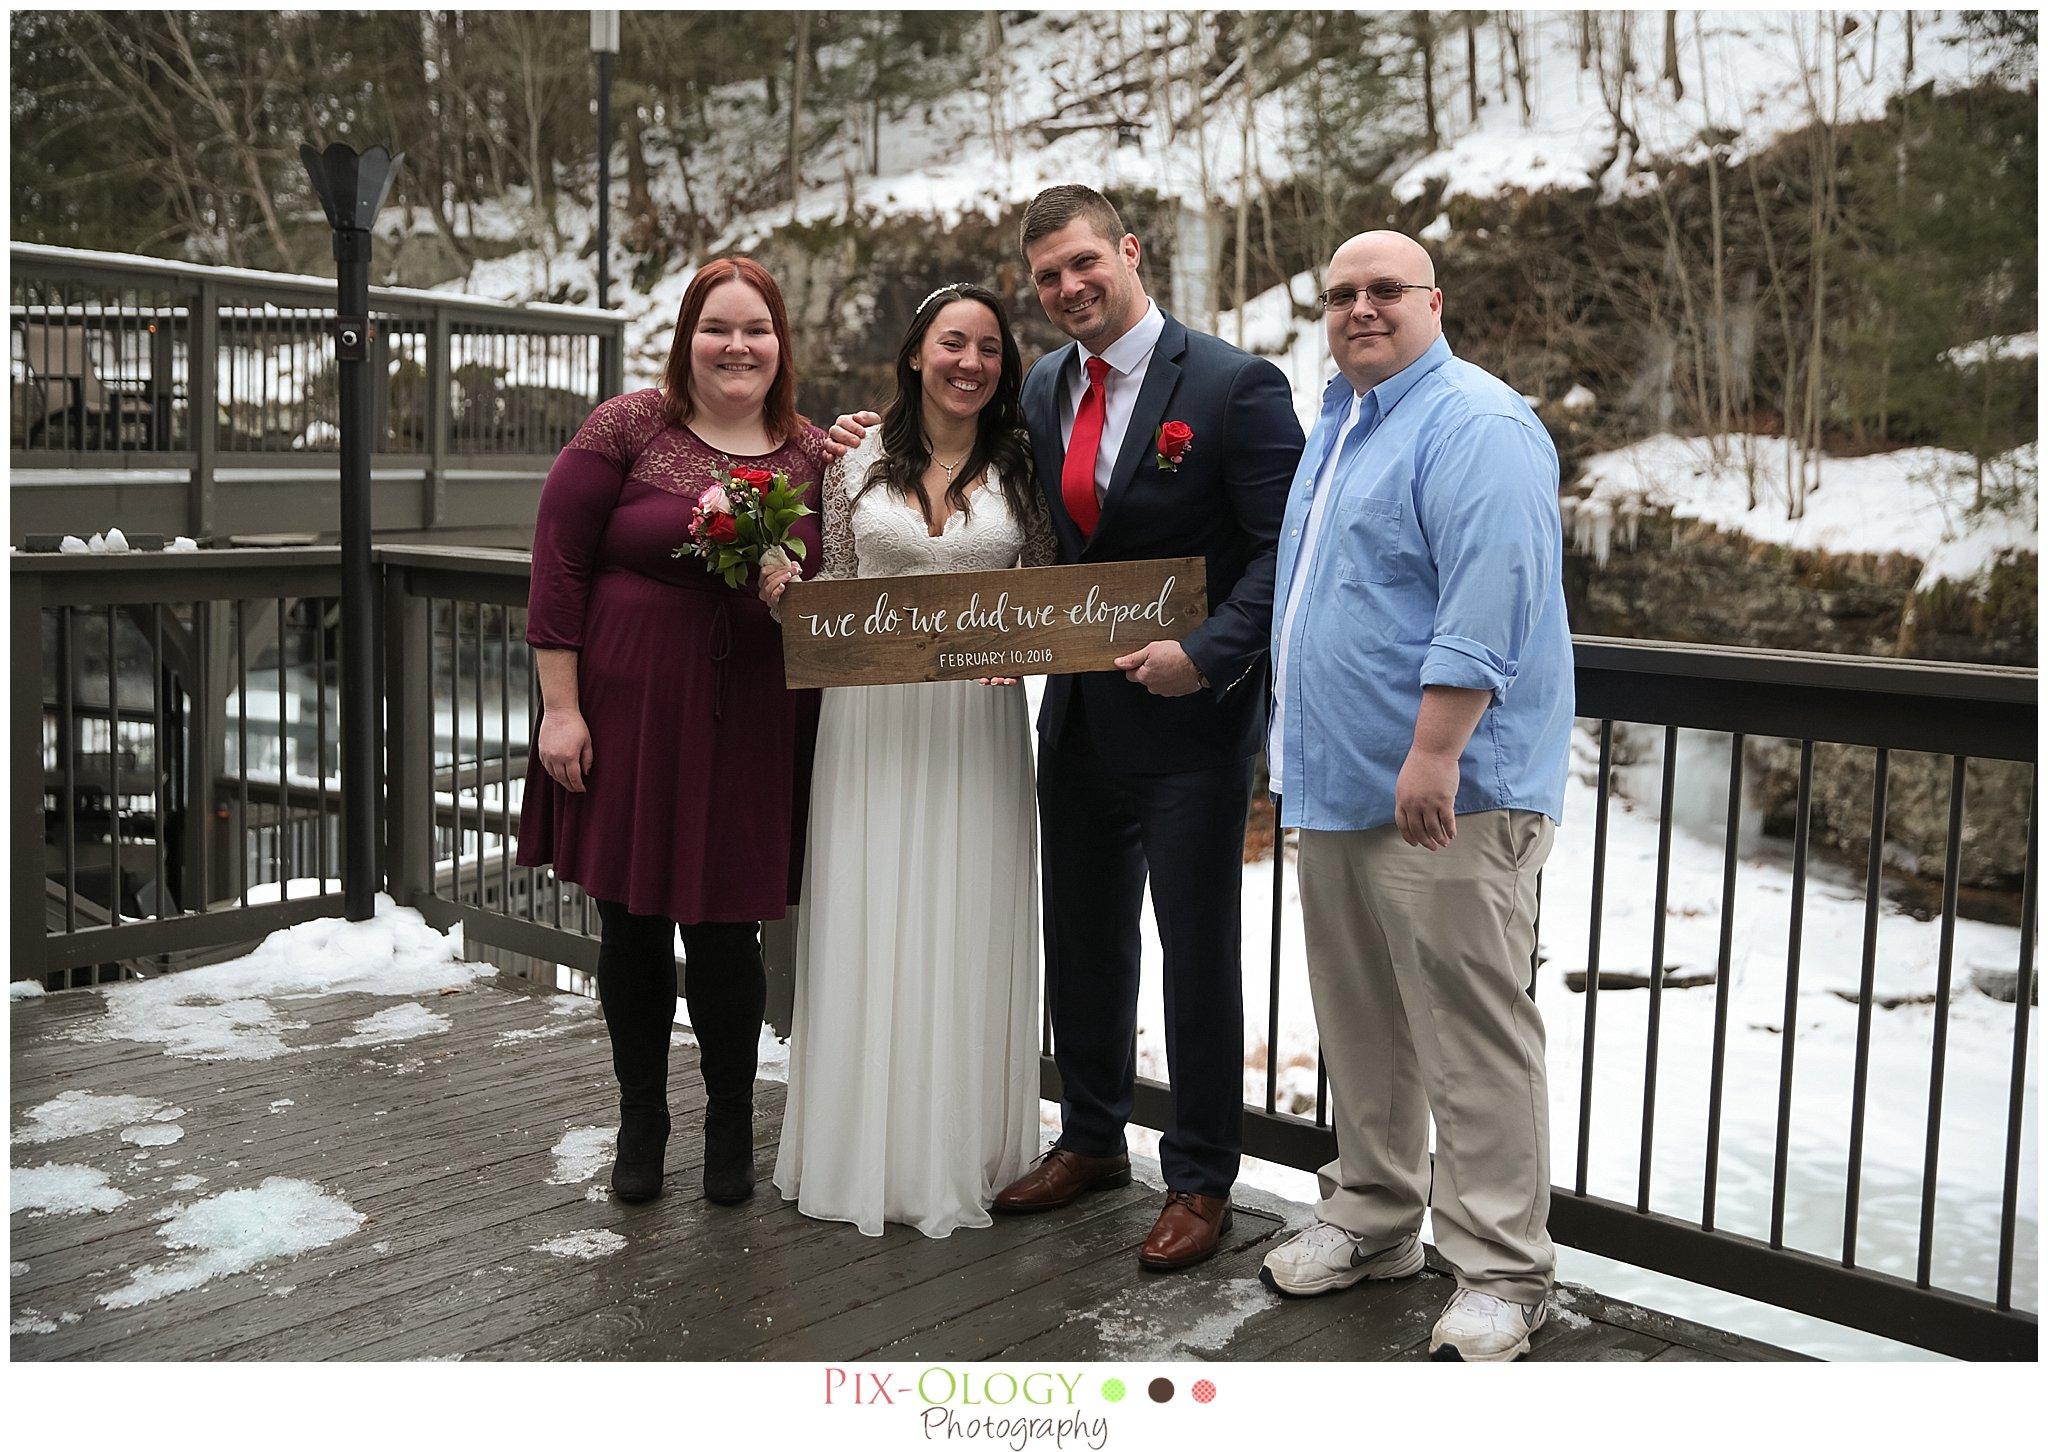 pix-ology-photography-ledges-hotel-wedding